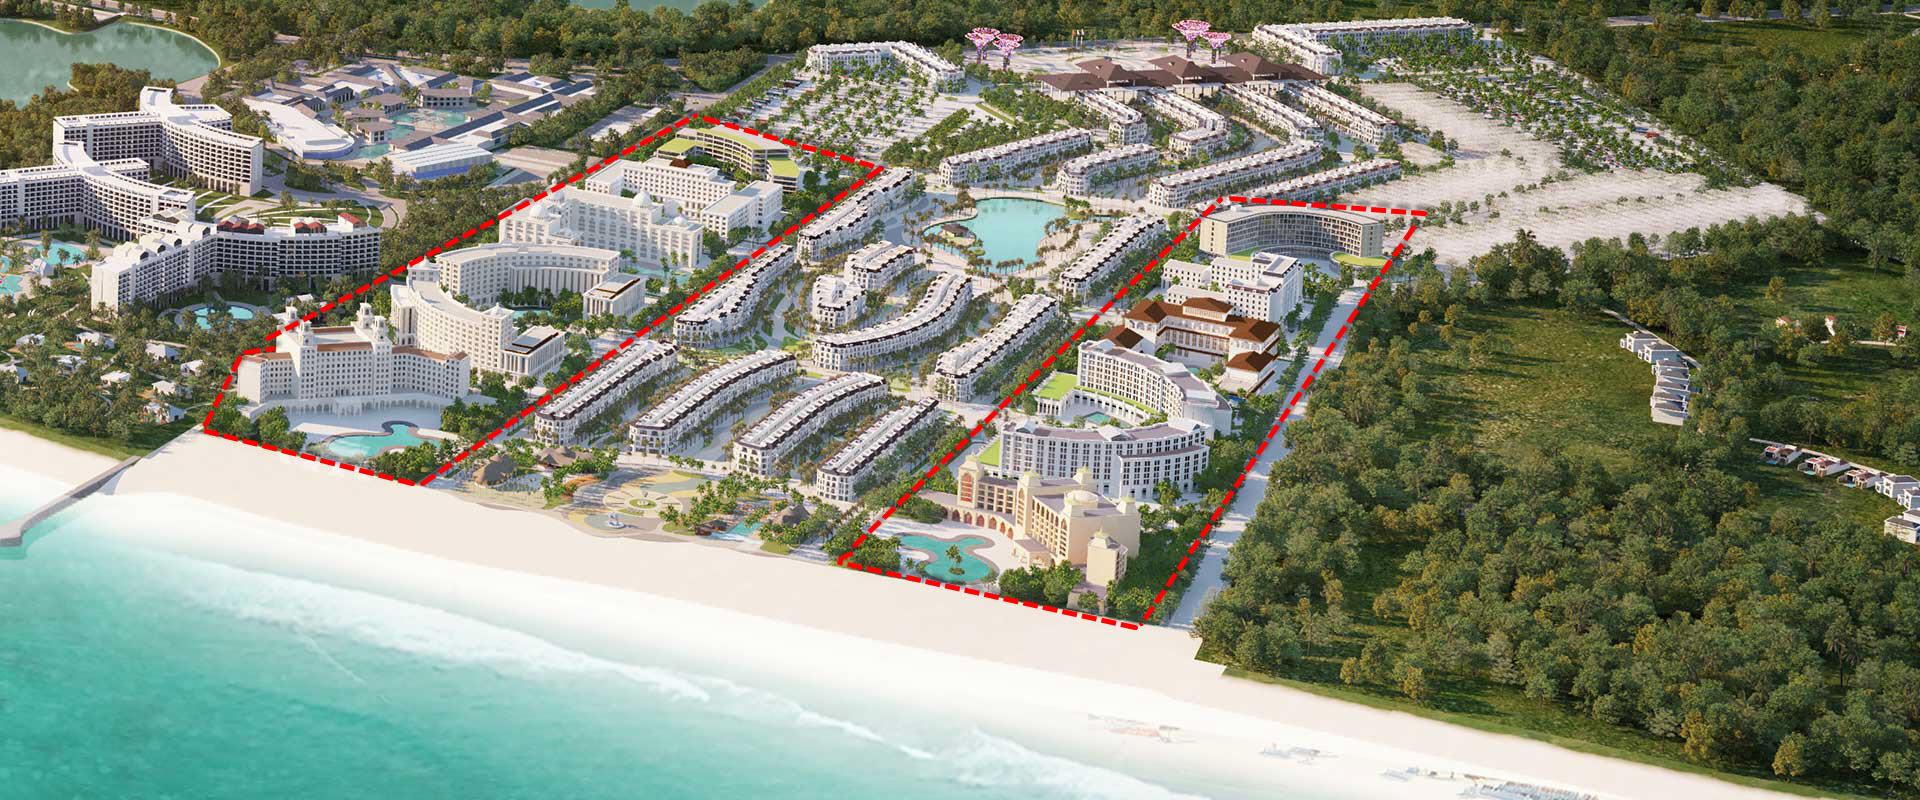 Tìm hiểu đầu tư Condotel Grand World Phú Quốc